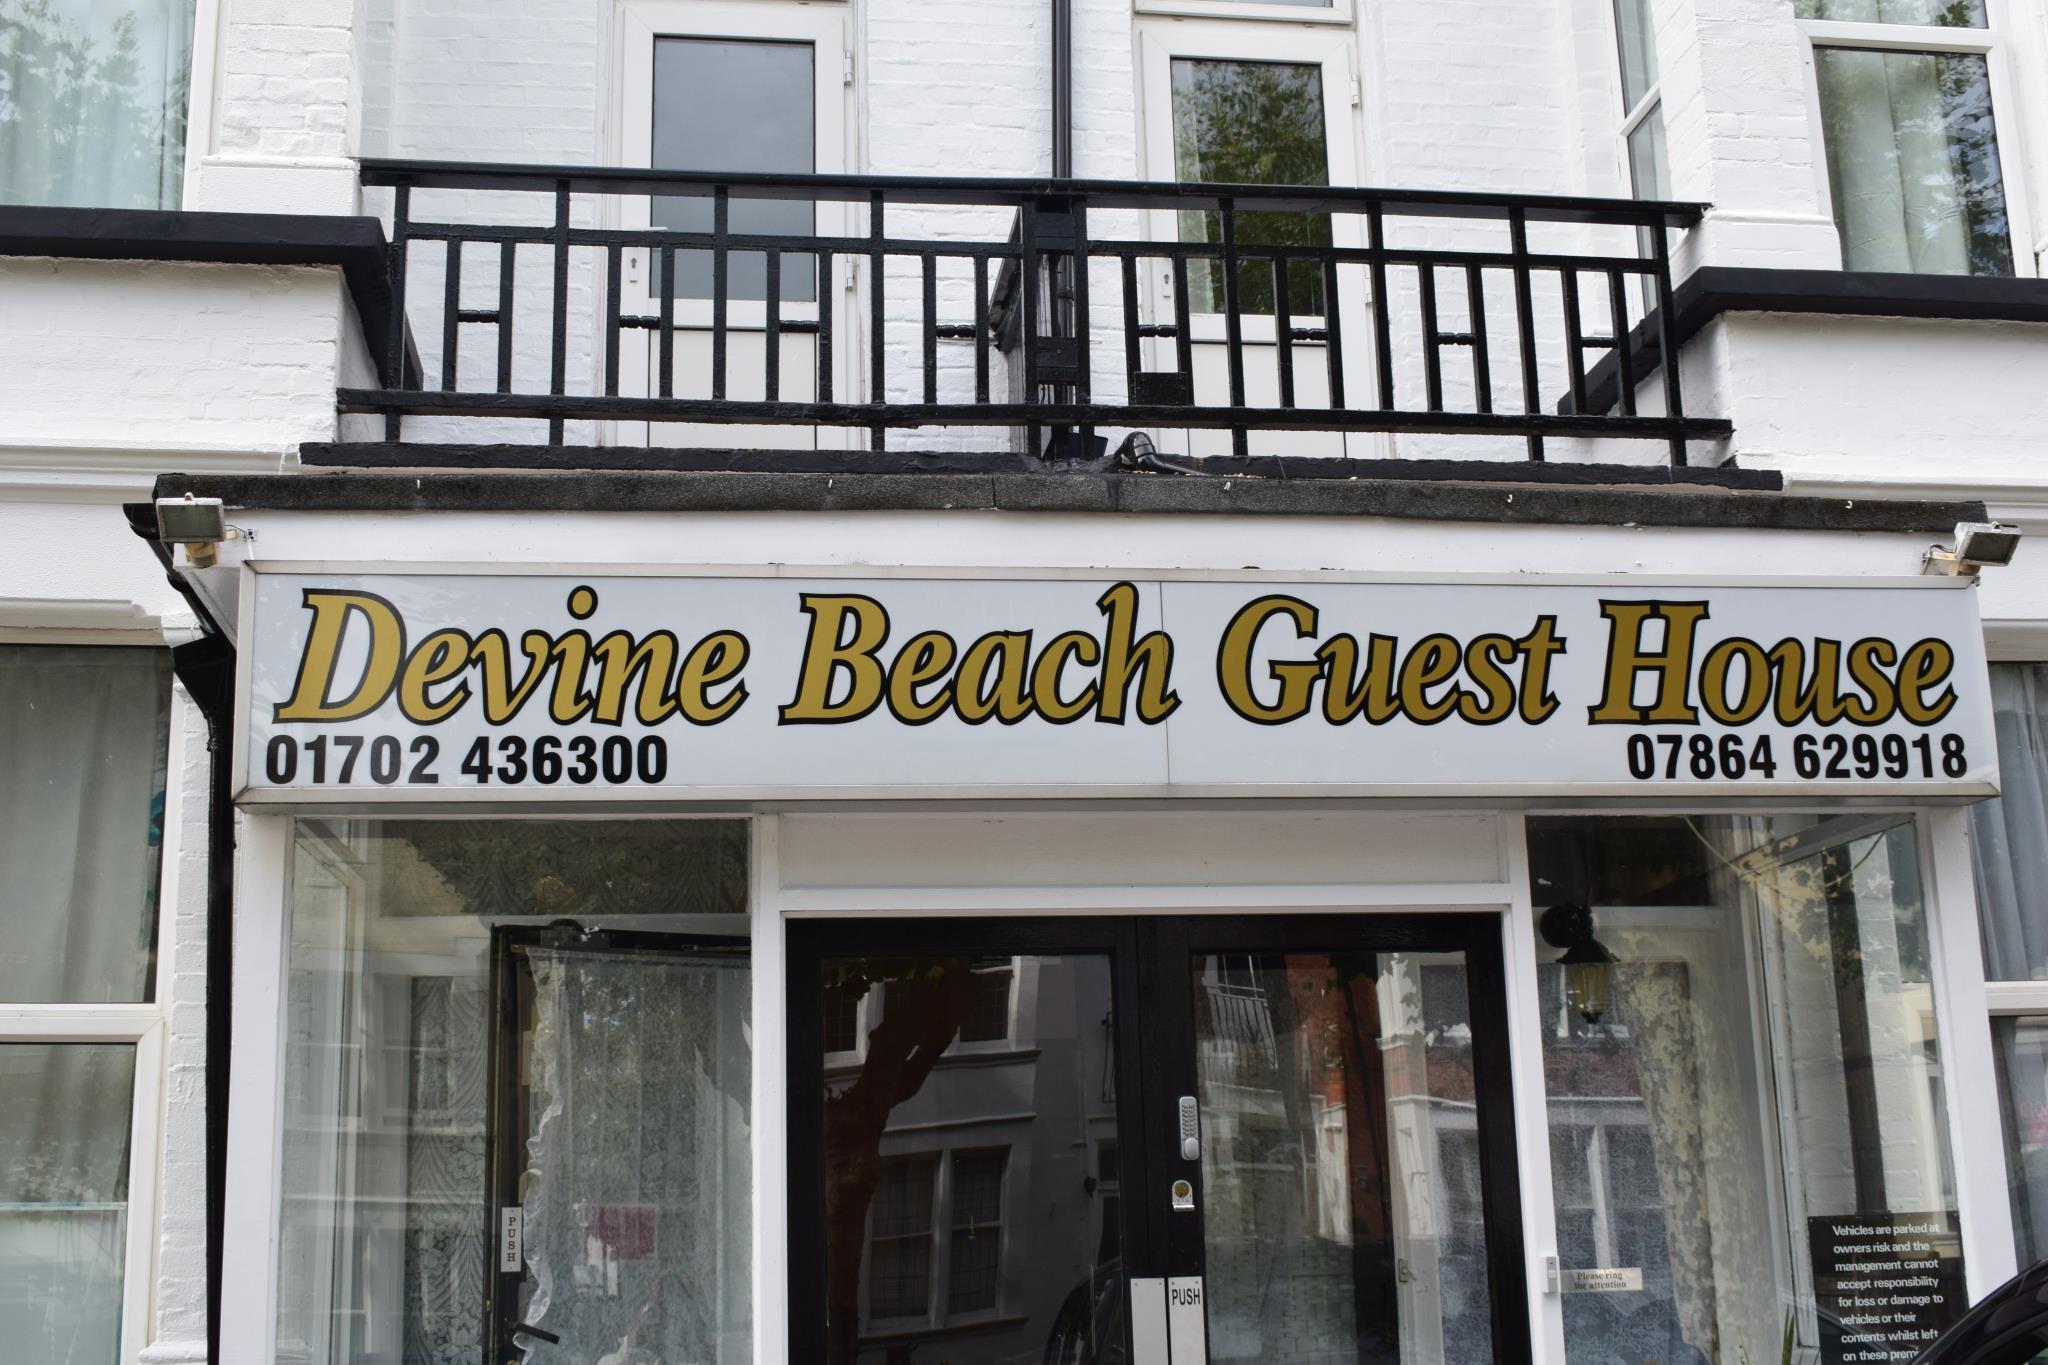 Devine Beach Guest House